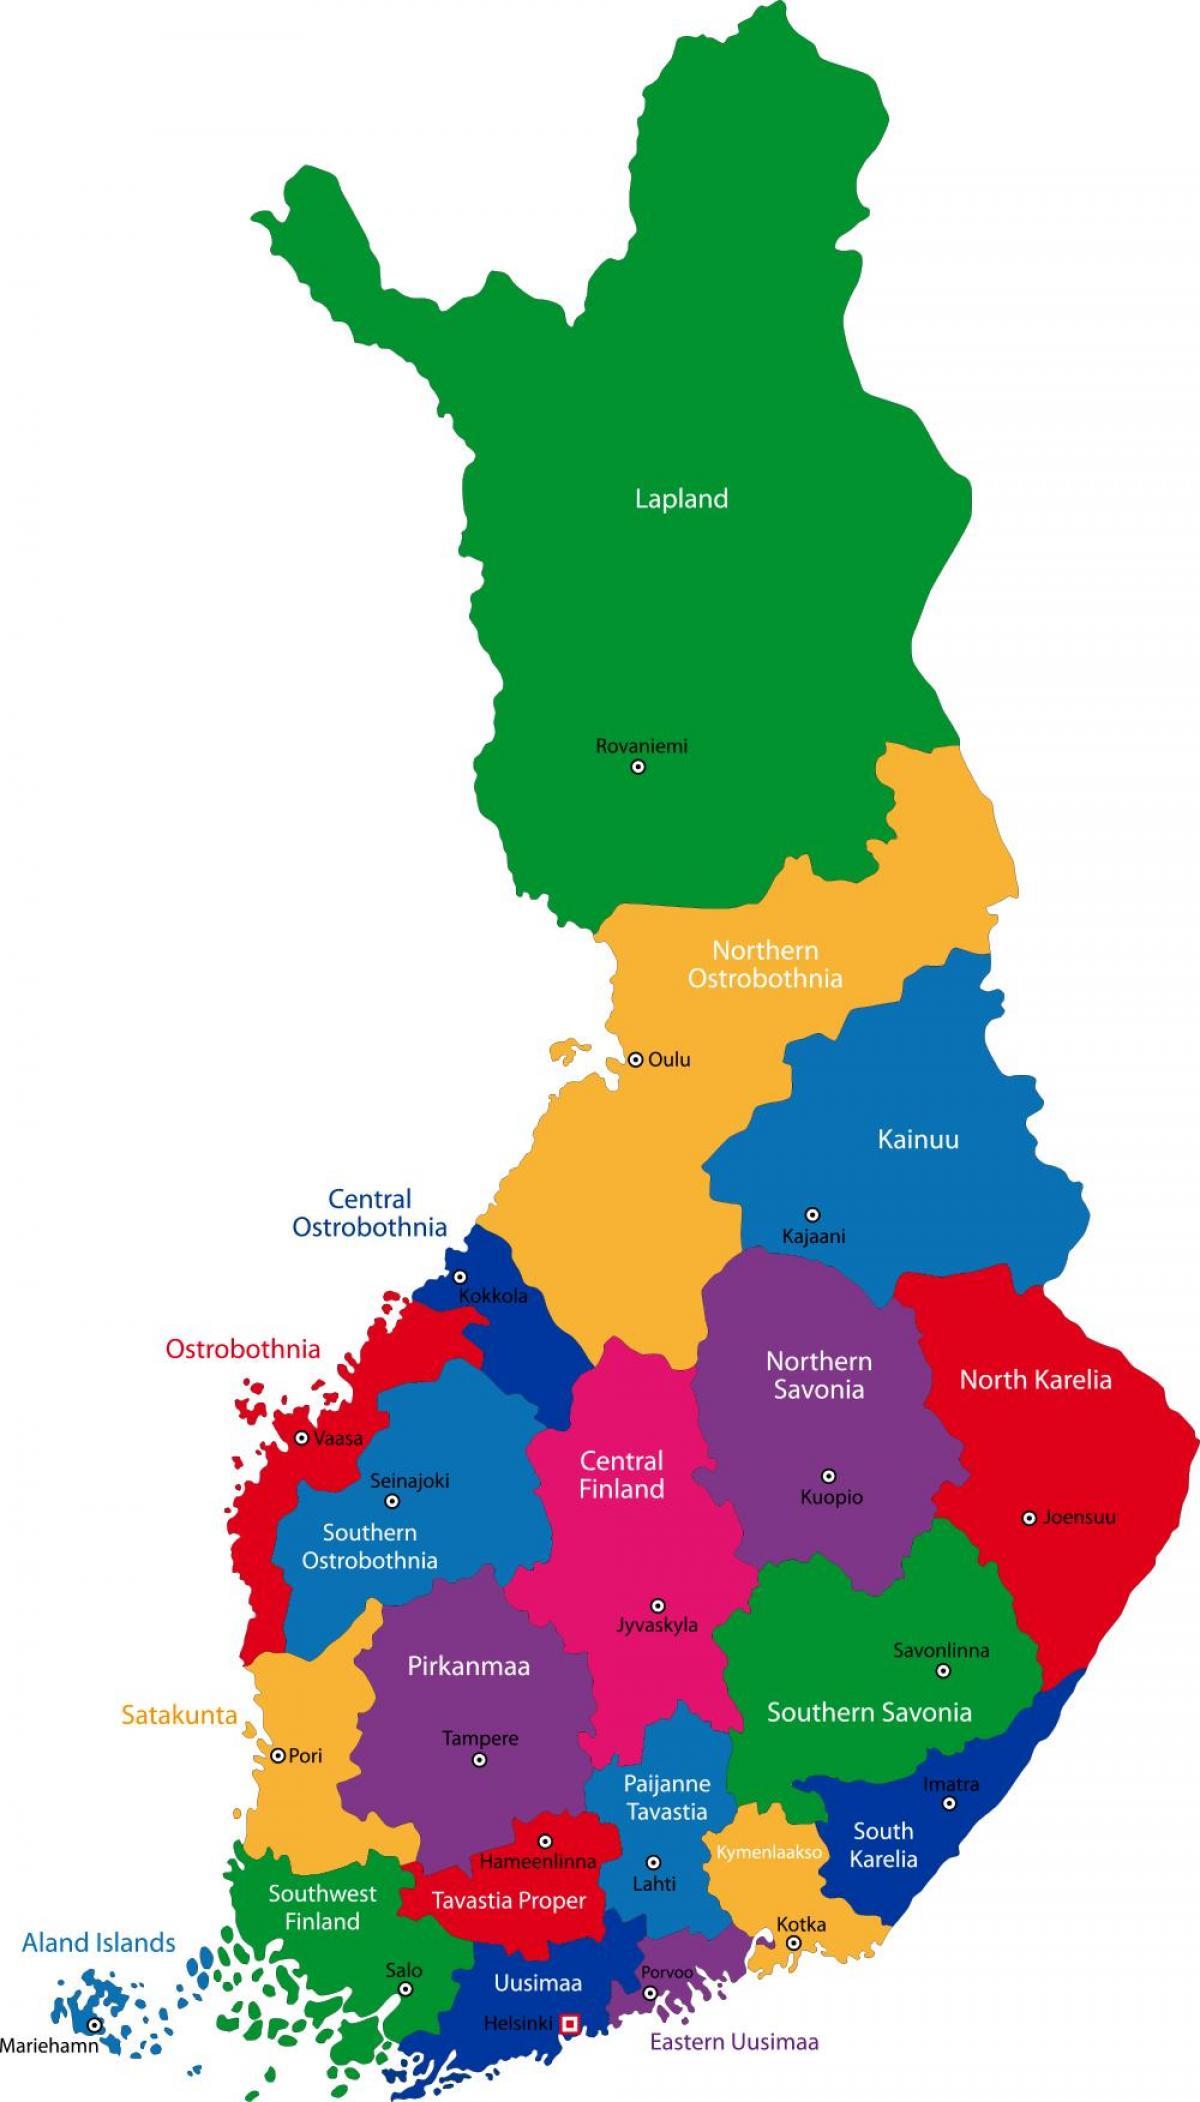 Finnland Karte Regionen.Finnland Regionen Karte Finnland Provinzen Landkarte